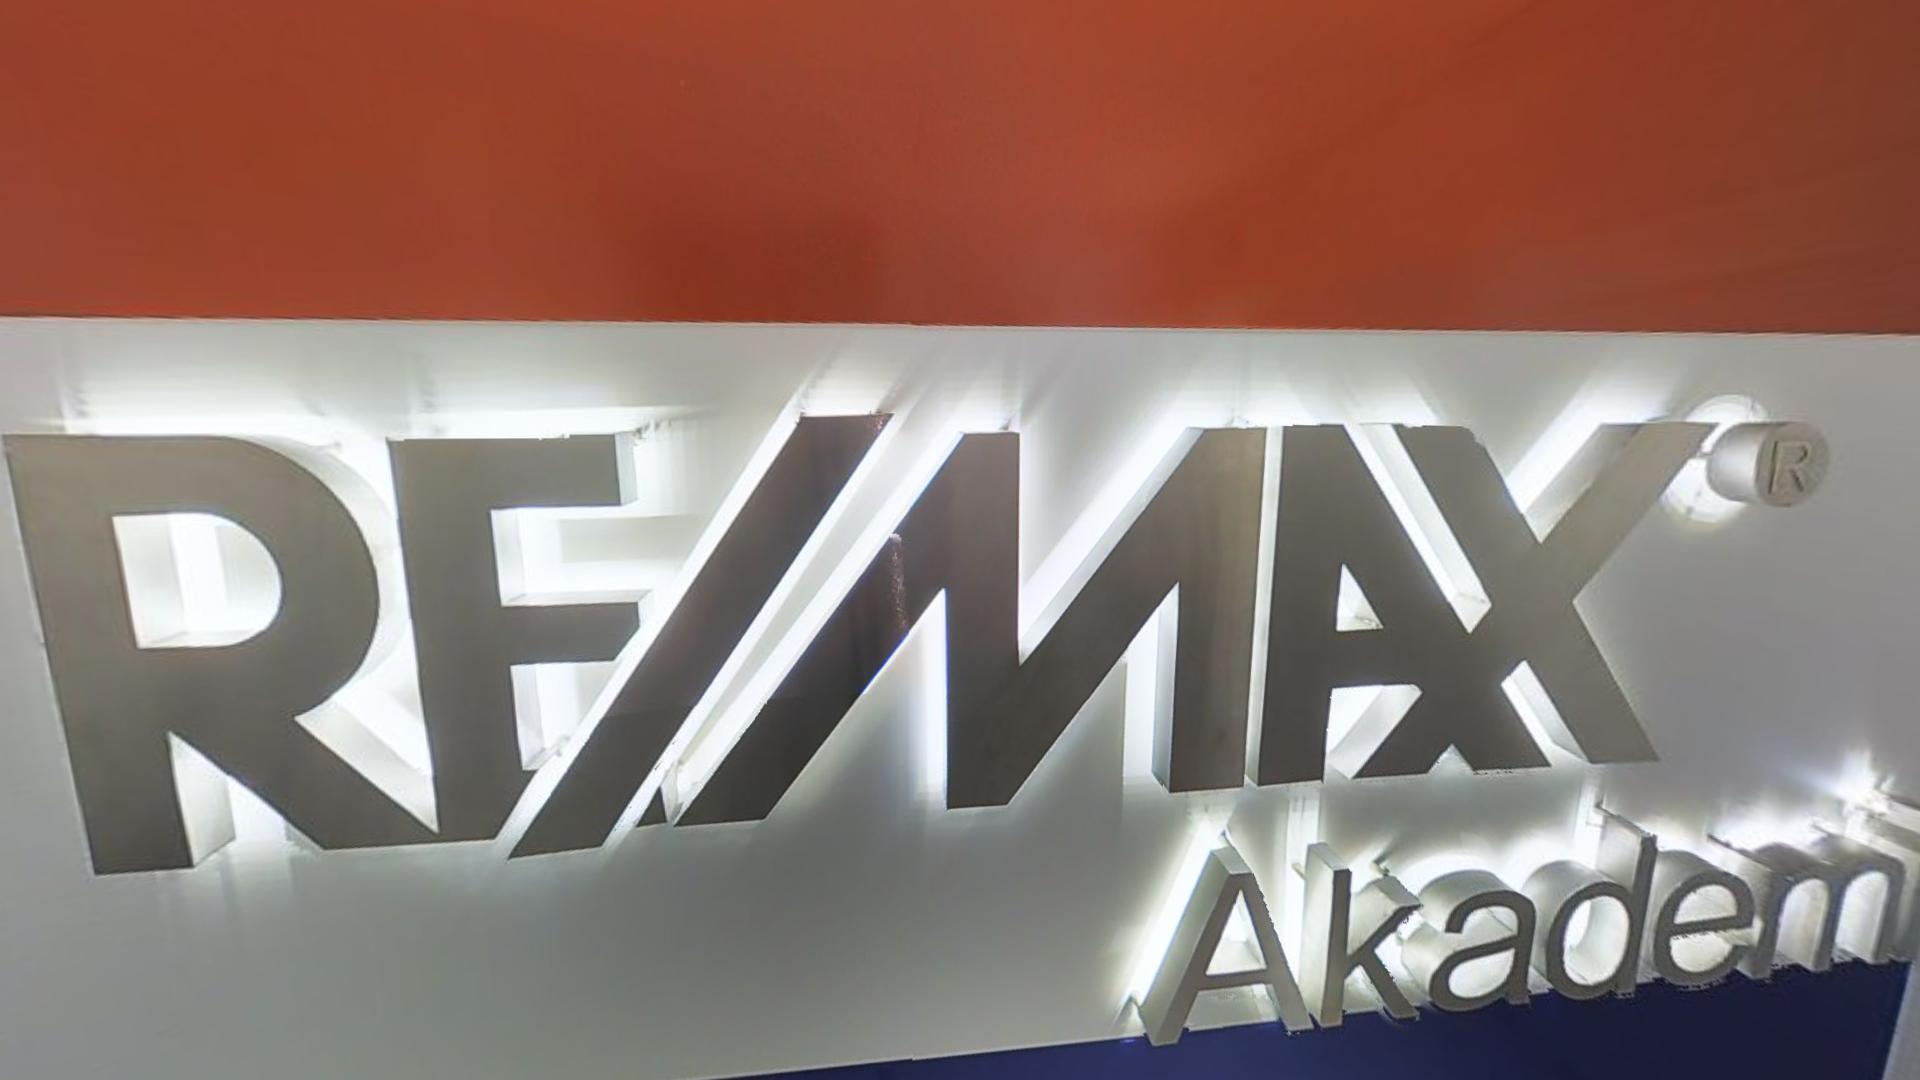 RE/MAX Turkey Academy